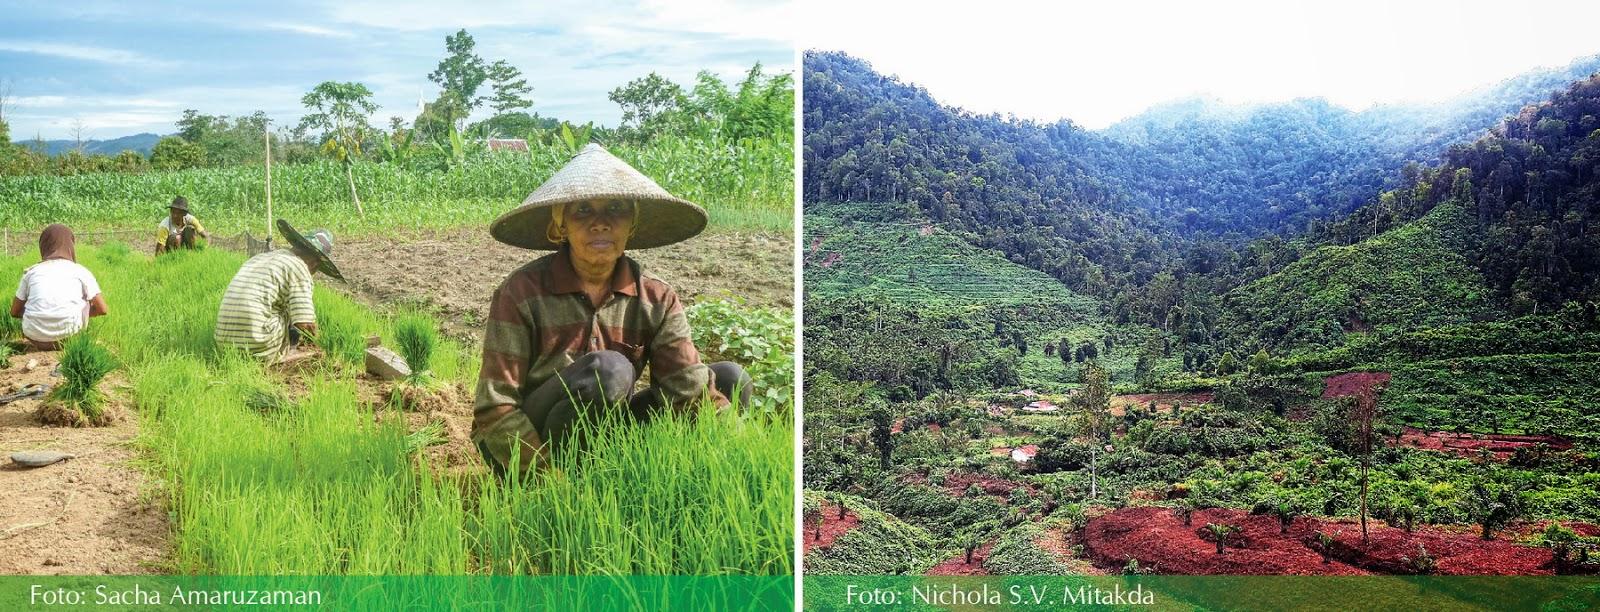 Pelaksanaan Pertanian Hijau Di Indonesia Kiprah Agroforestri